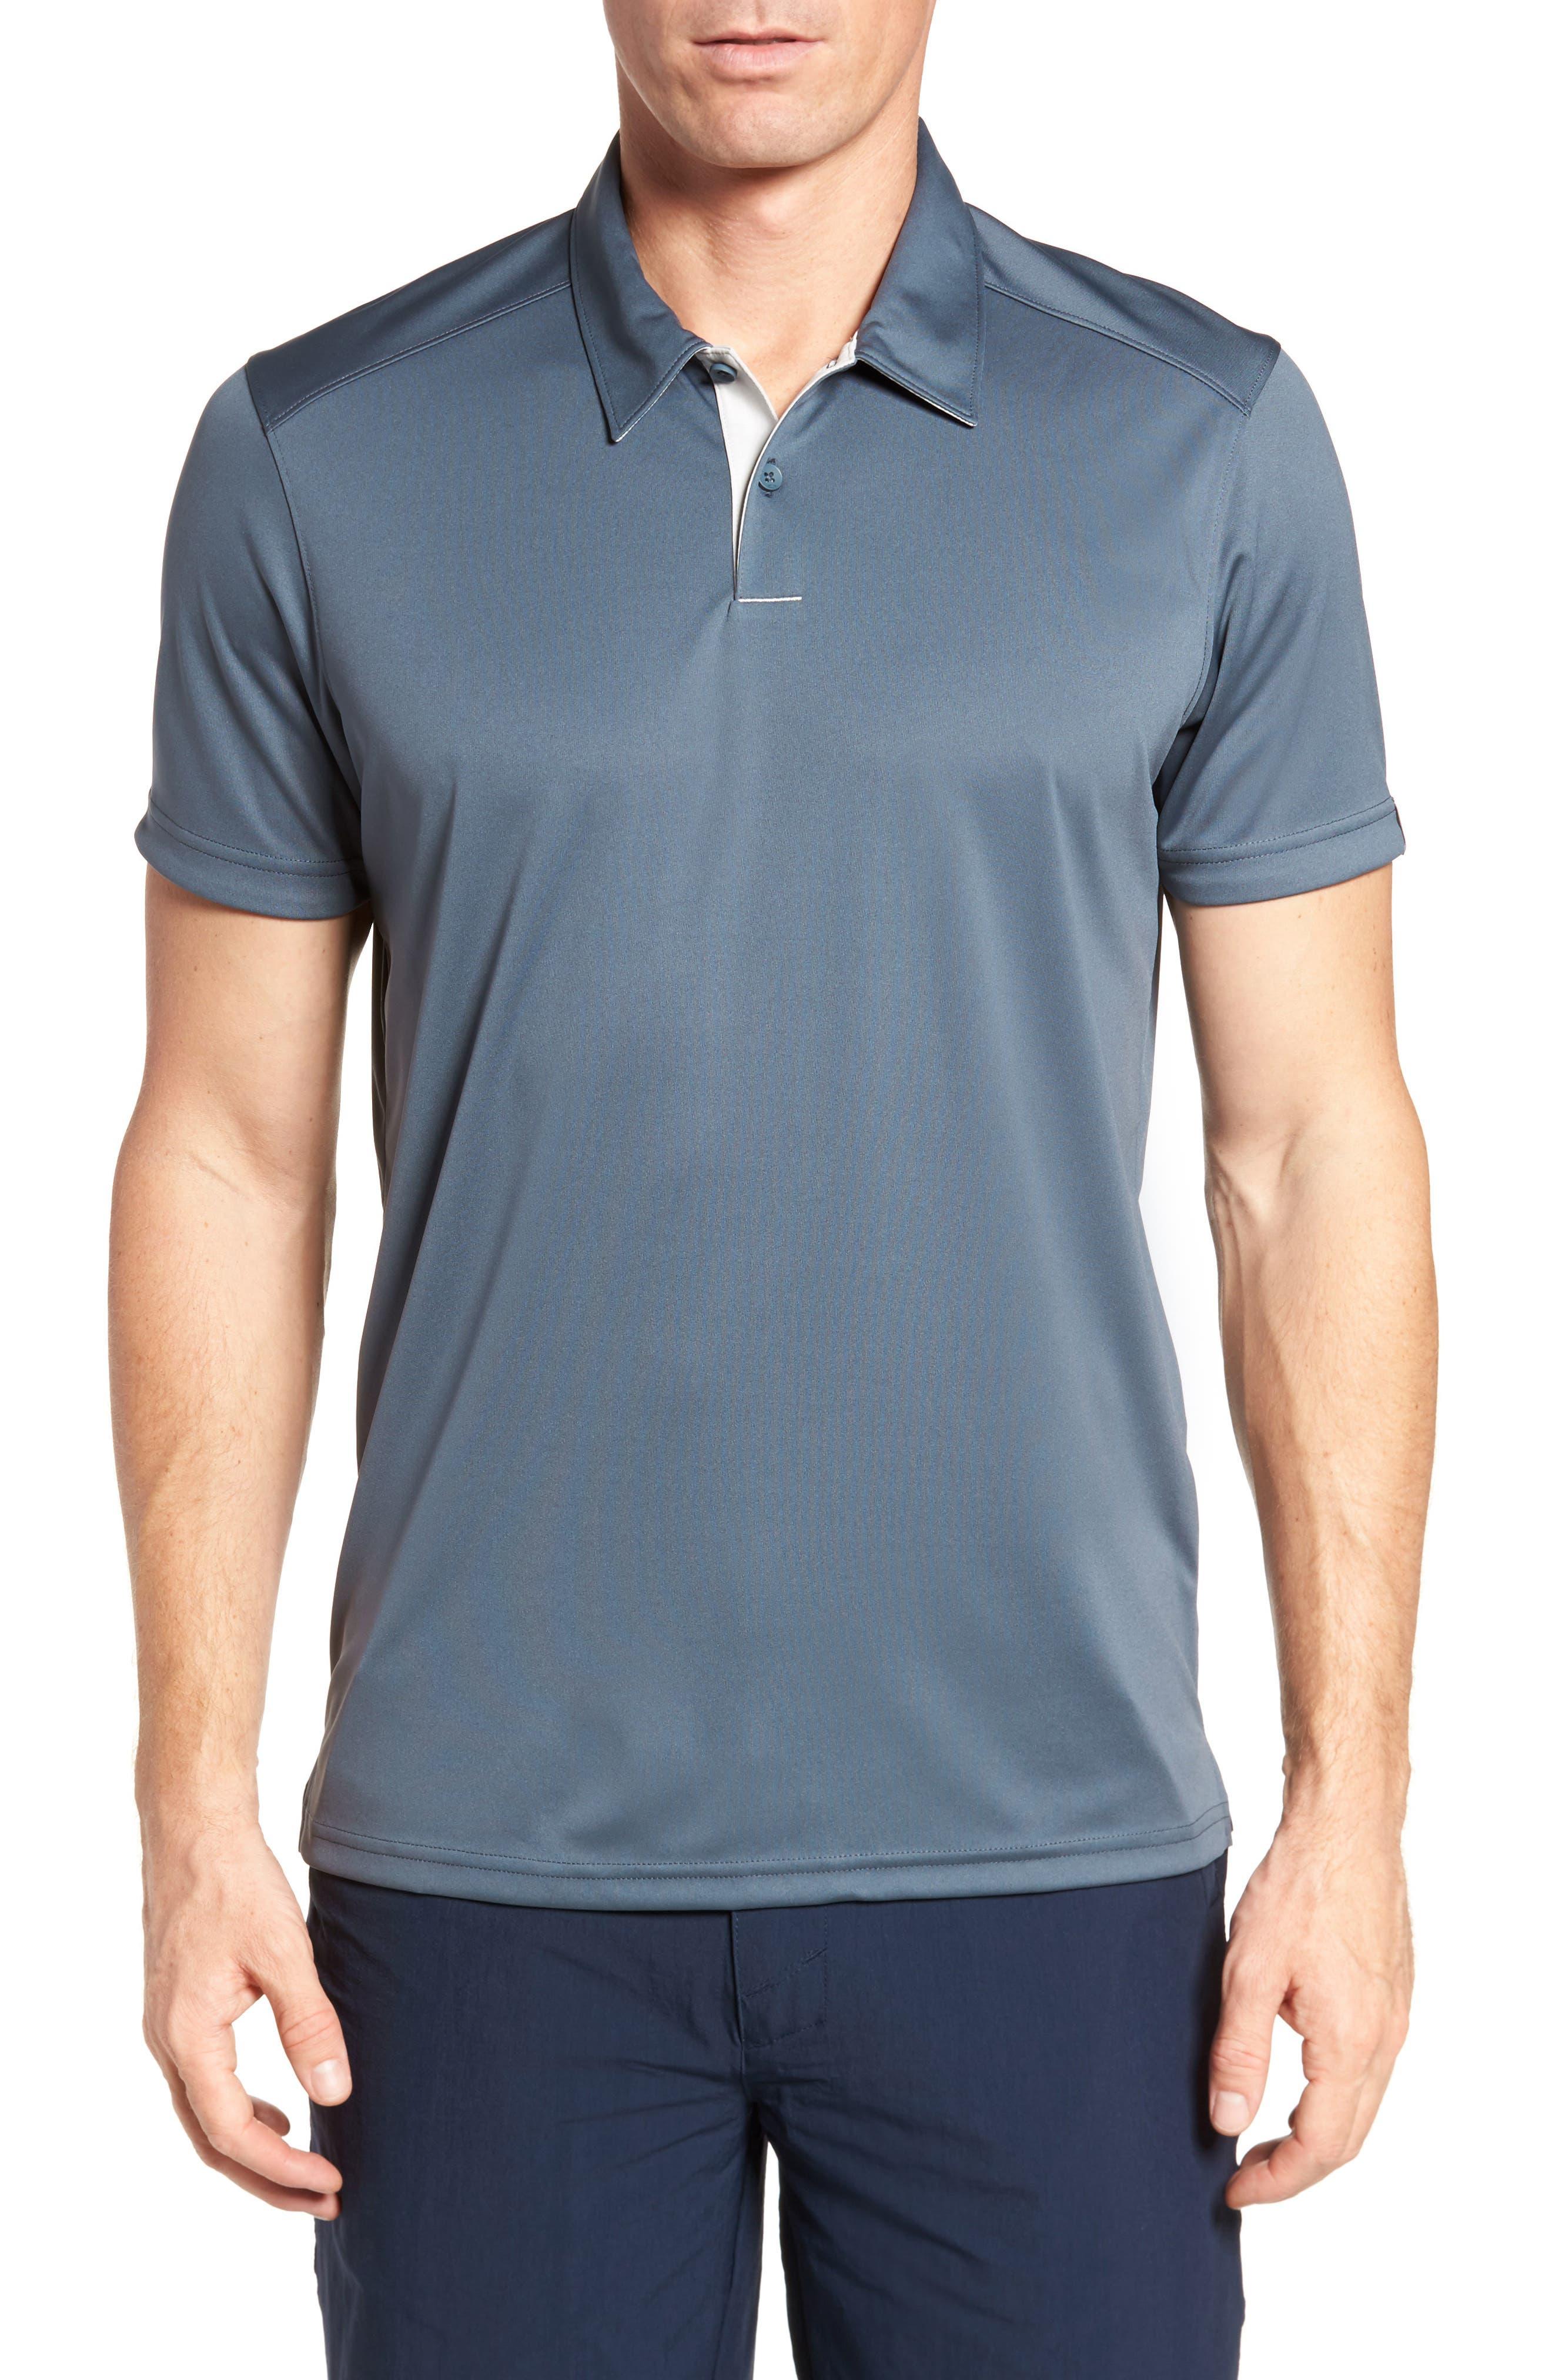 Divisional Polo Shirt,                             Main thumbnail 1, color,                             DARK SLATE